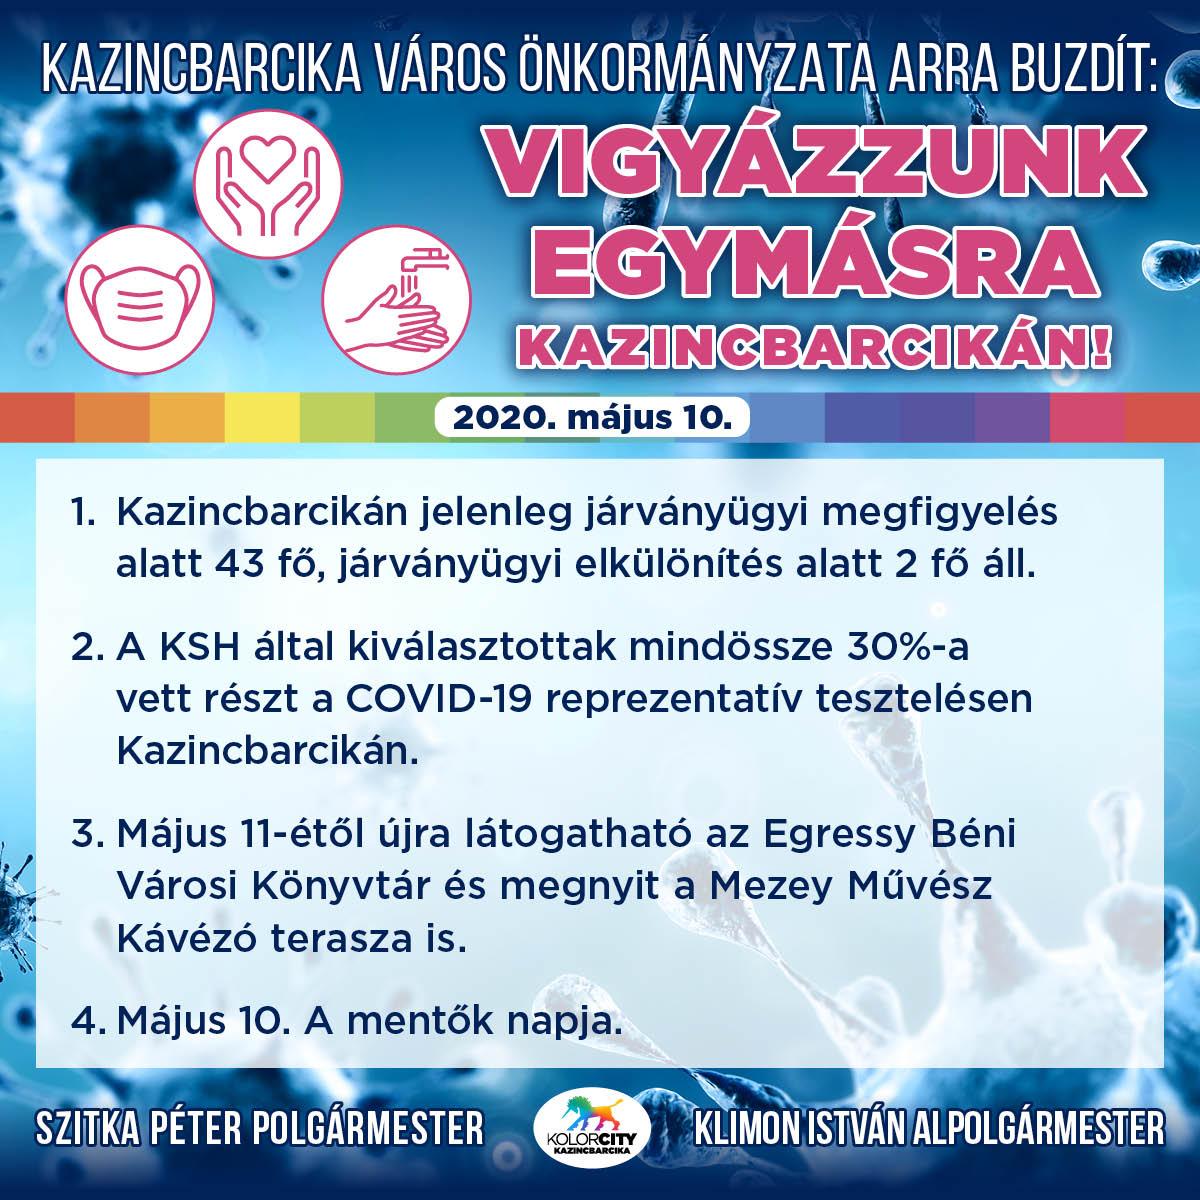 https://kolorline.hu/Kazincbarcika Város Önkormányzata arra buzdít: Vigyázzunk egymásra Kazincbarcikán! – 2020. május 10.